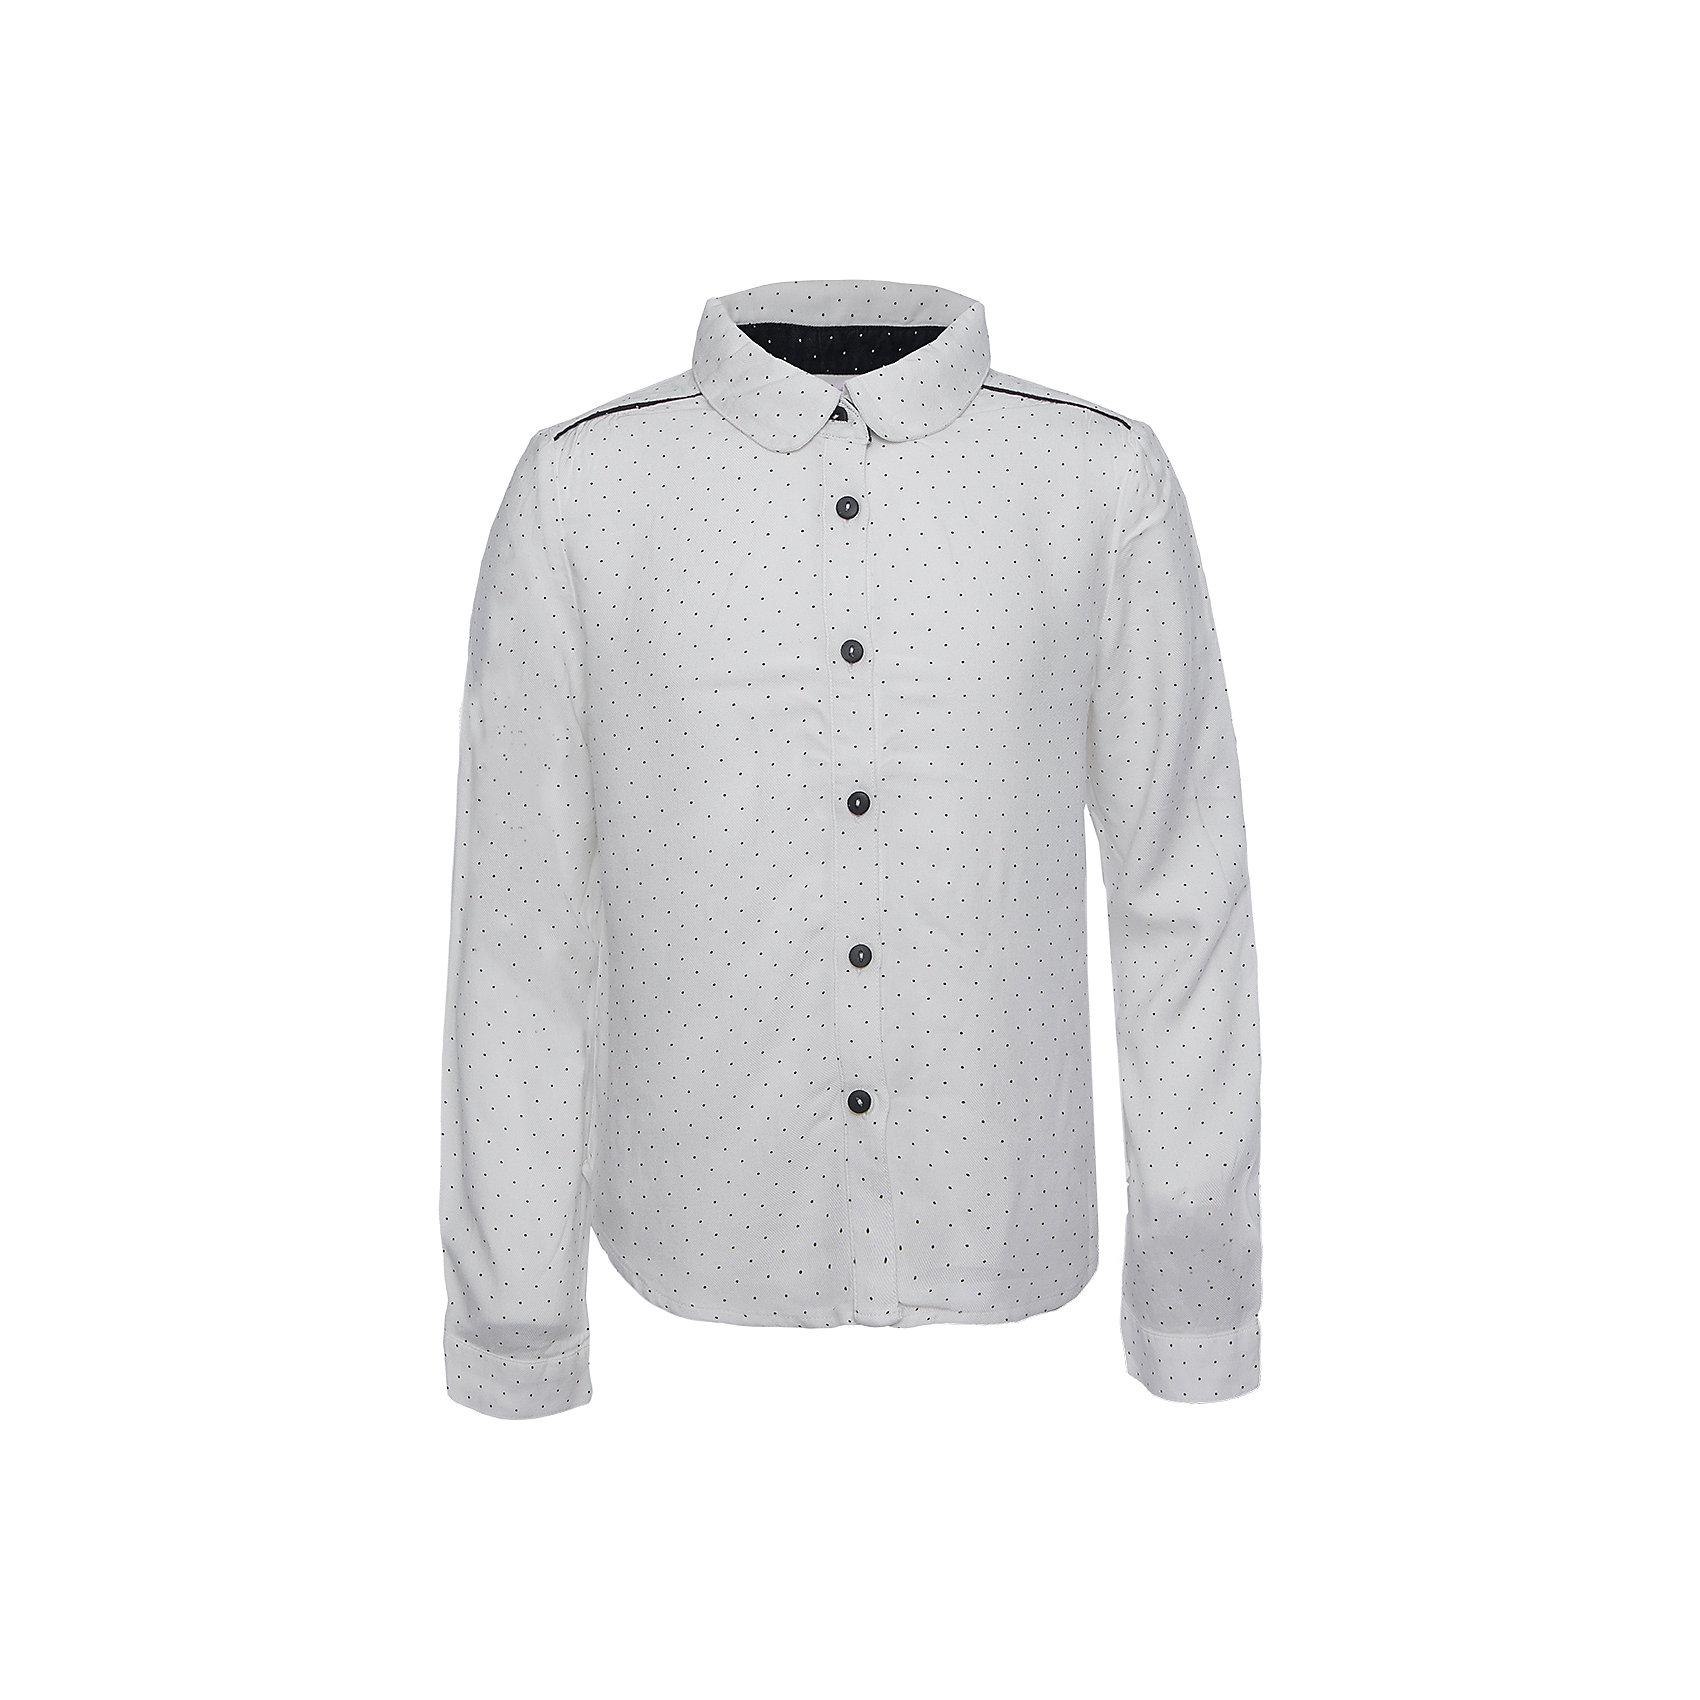 Блузка для девочки SELAБлузки и рубашки<br>Такая стильная блузка в мелкий горошек будет по вкусу каждой моднице. <br>Блузка свободного кроя, поэтому она отлично подойдет к юбке и брюкам.<br><br>Дополнительная информация:<br><br>- Свободный крой.<br>- Длинный рукав, с манжетой.<br>- Цвет: белый.<br>- Состав: вискоза - 100%<br>- Бренд: SELA<br>- Коллекция: осень-зима 2016-2017<br><br>Купить блузку для девочки от SELA можно в нашем магазине.<br><br>Ширина мм: 186<br>Глубина мм: 87<br>Высота мм: 198<br>Вес г: 197<br>Цвет: белый<br>Возраст от месяцев: 132<br>Возраст до месяцев: 144<br>Пол: Женский<br>Возраст: Детский<br>Размер: 152,116,122,128,134,140,146<br>SKU: 4883404